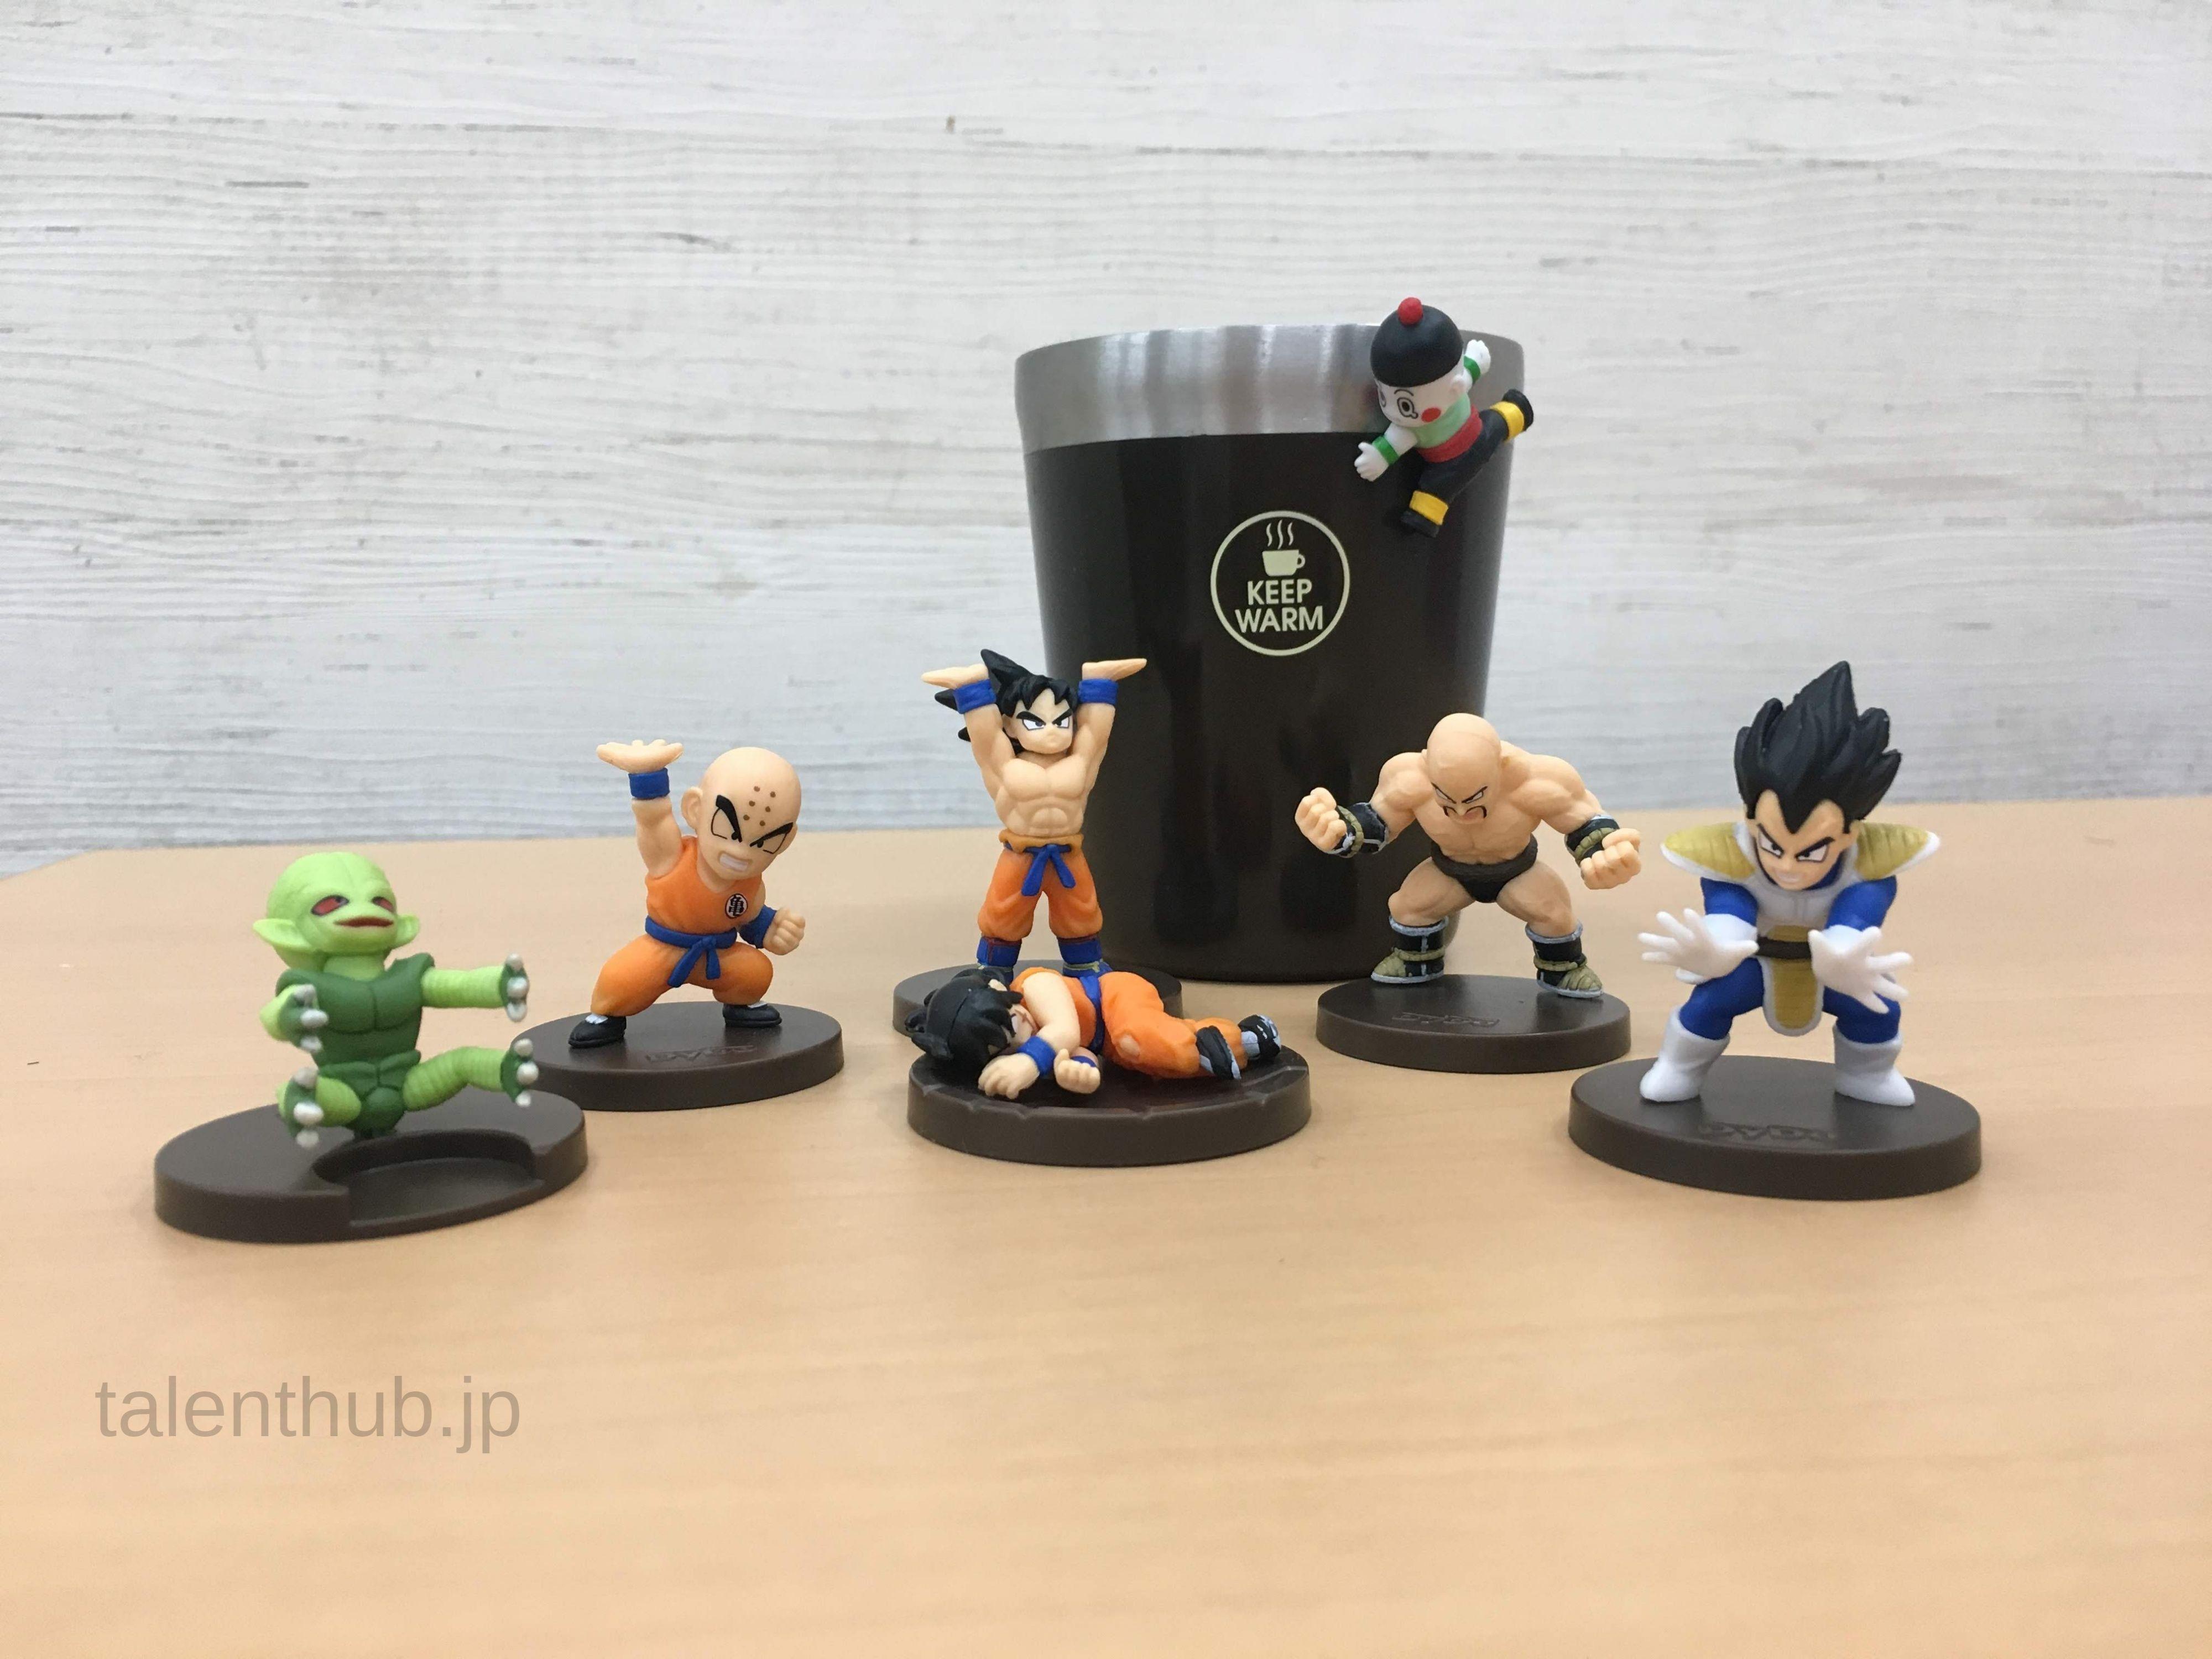 Bộ sưu tập DragonBall Z ra mắt từ ngày 11/3/2019 cho đến khi hết hàng